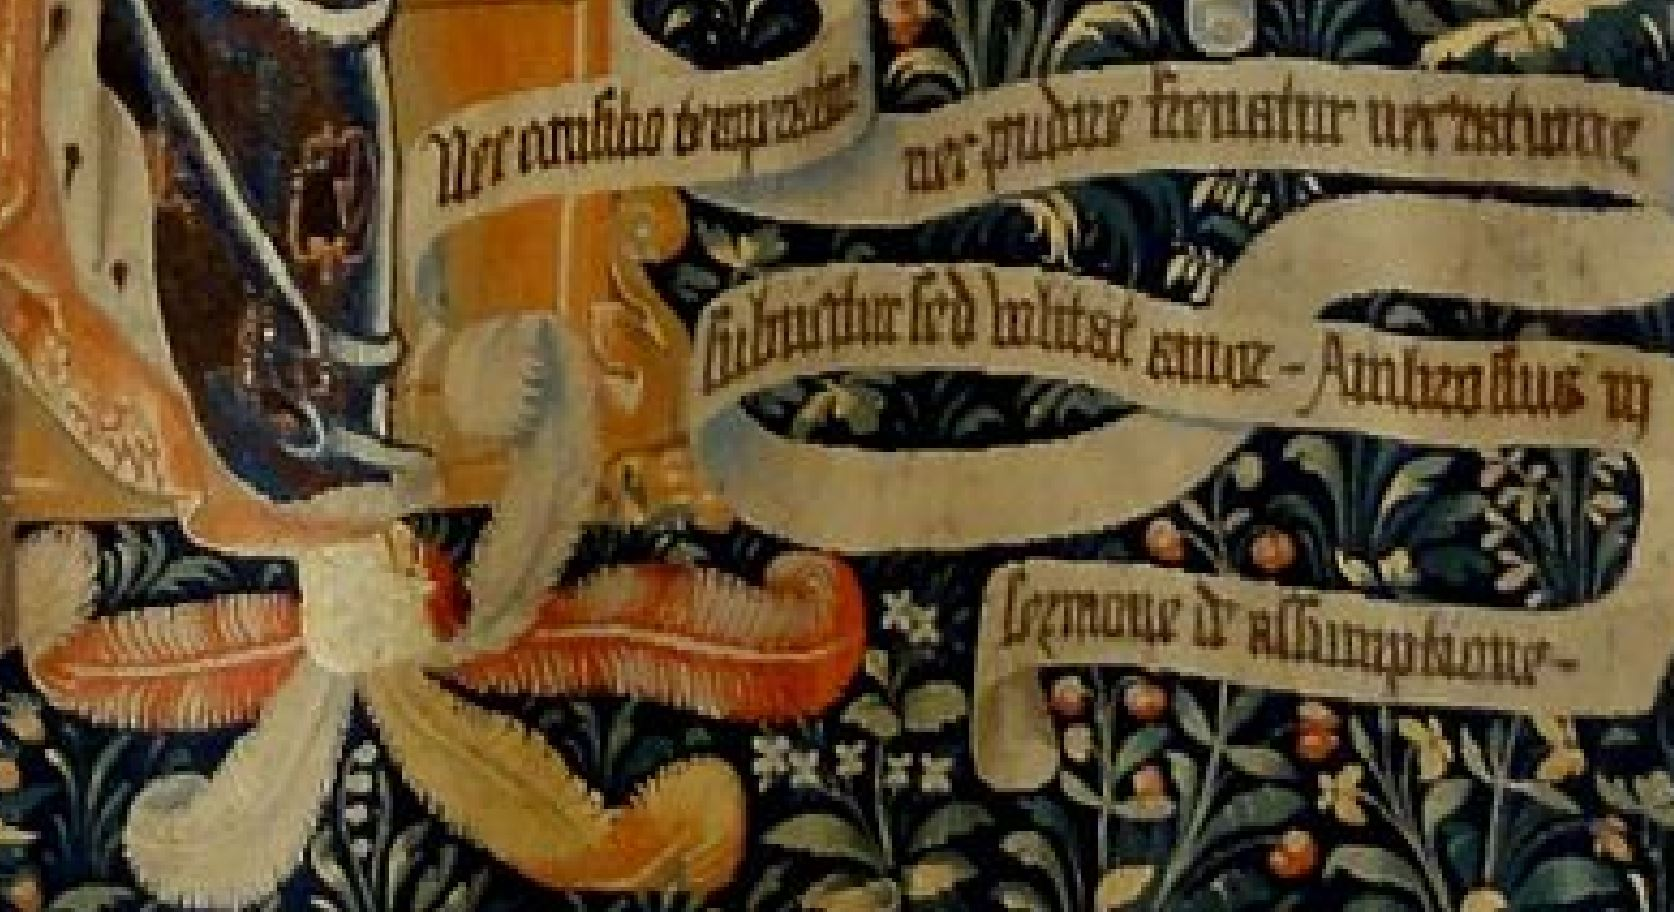 atelier de la Marche vers 1525 Amour Sacre Profane texte D2